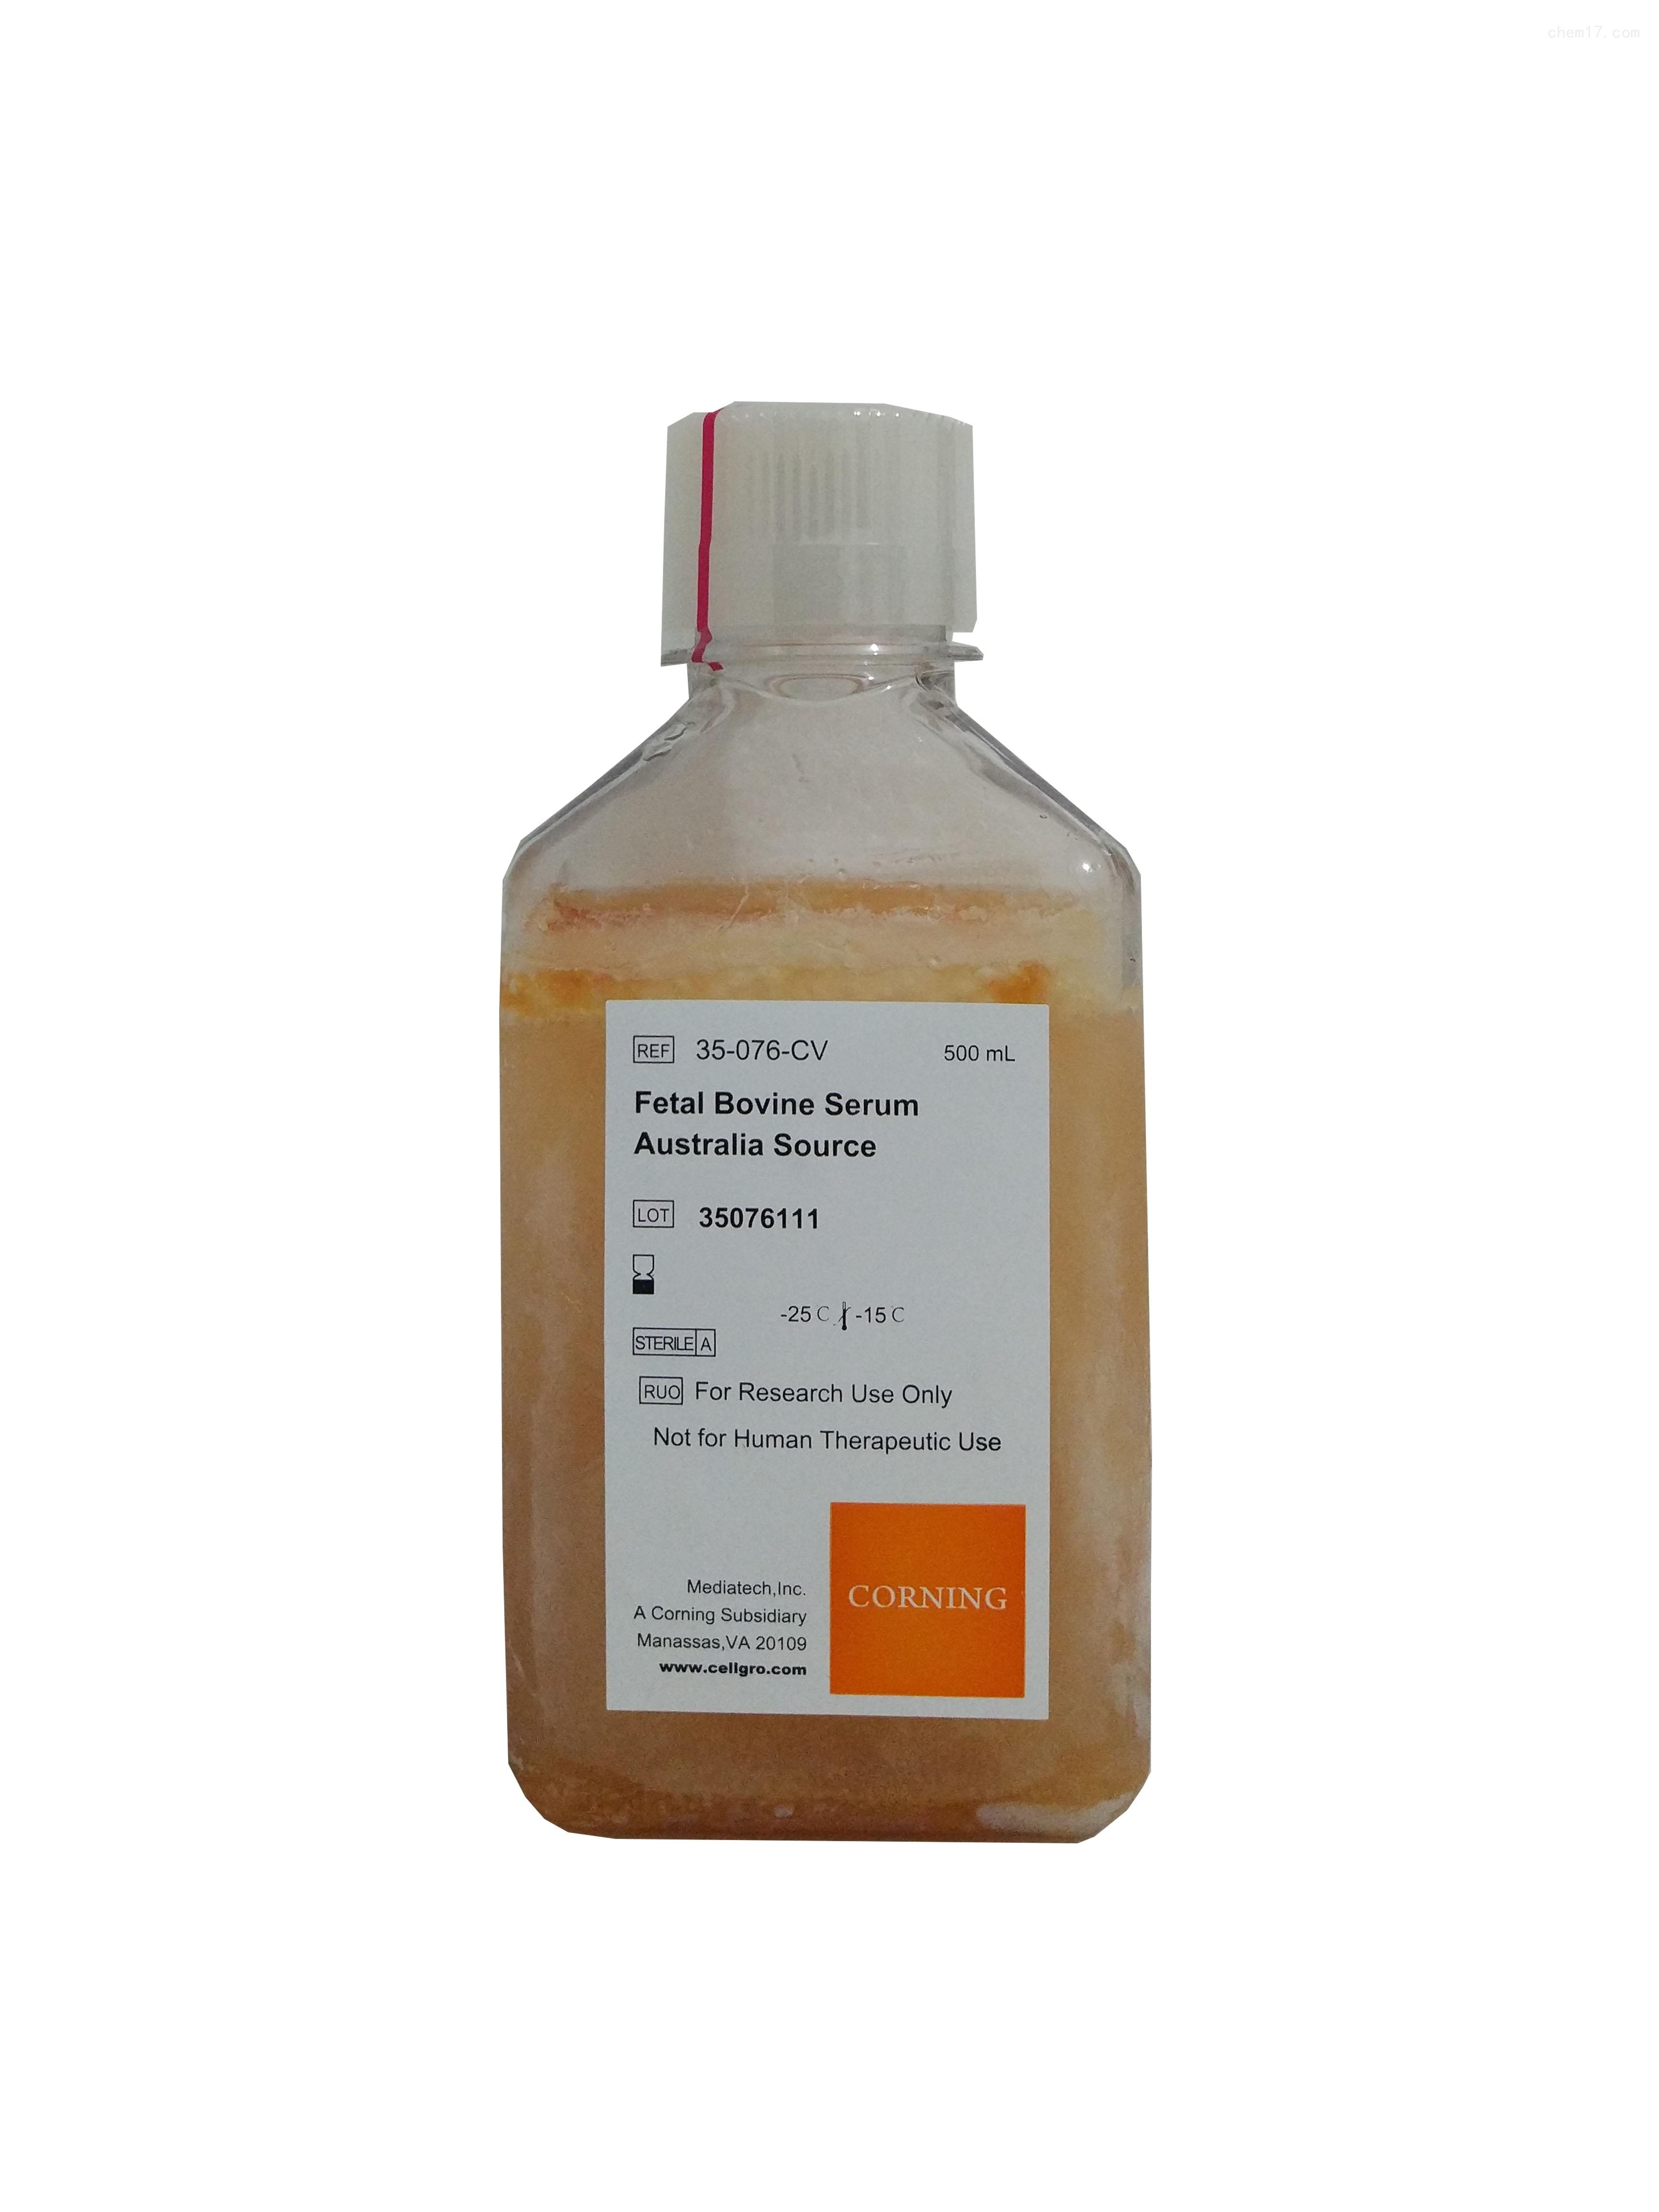 Corning Cellgro(Mediatech) 35-076-CV